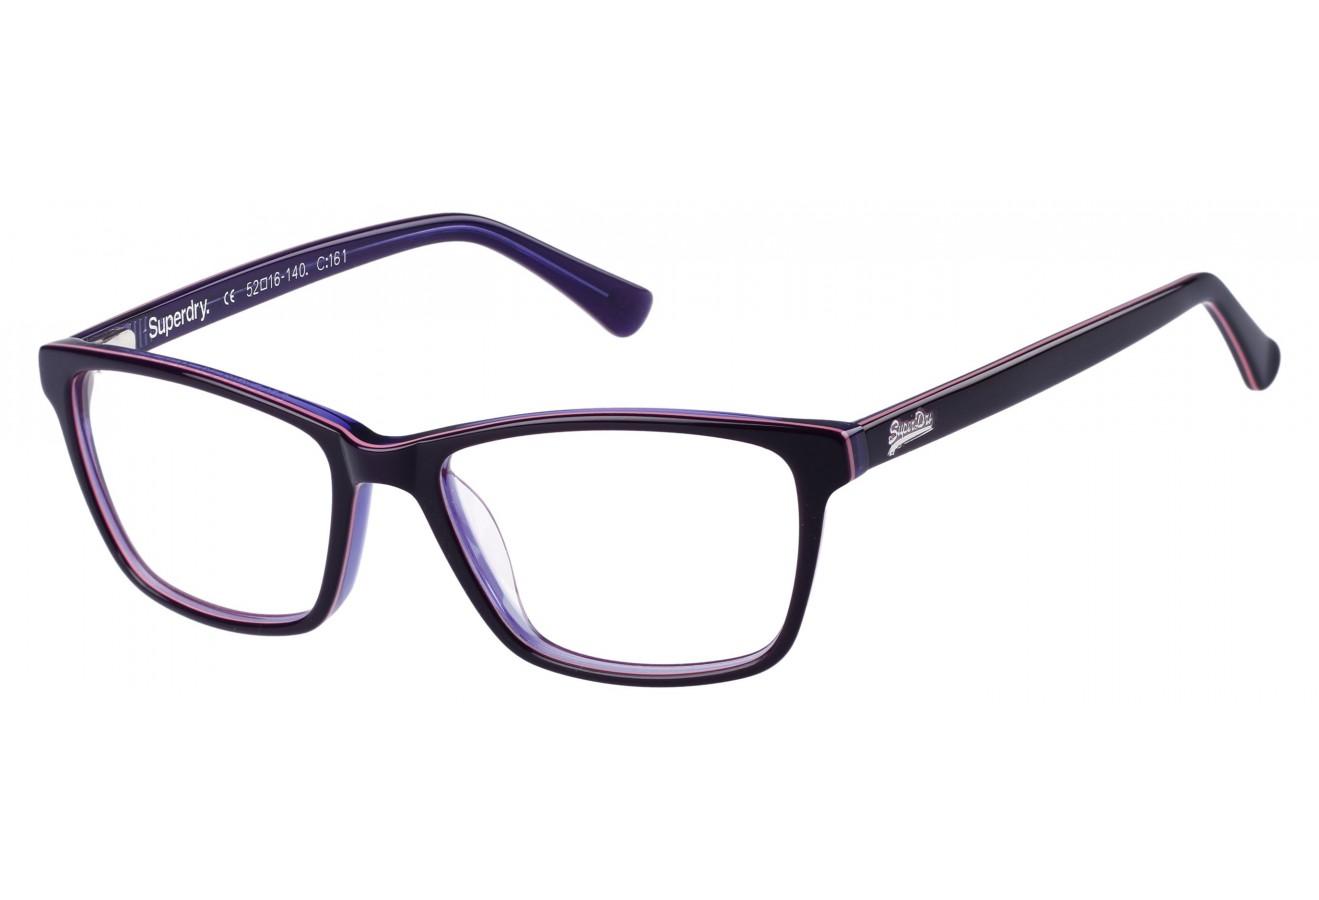 lunette de vue superdry